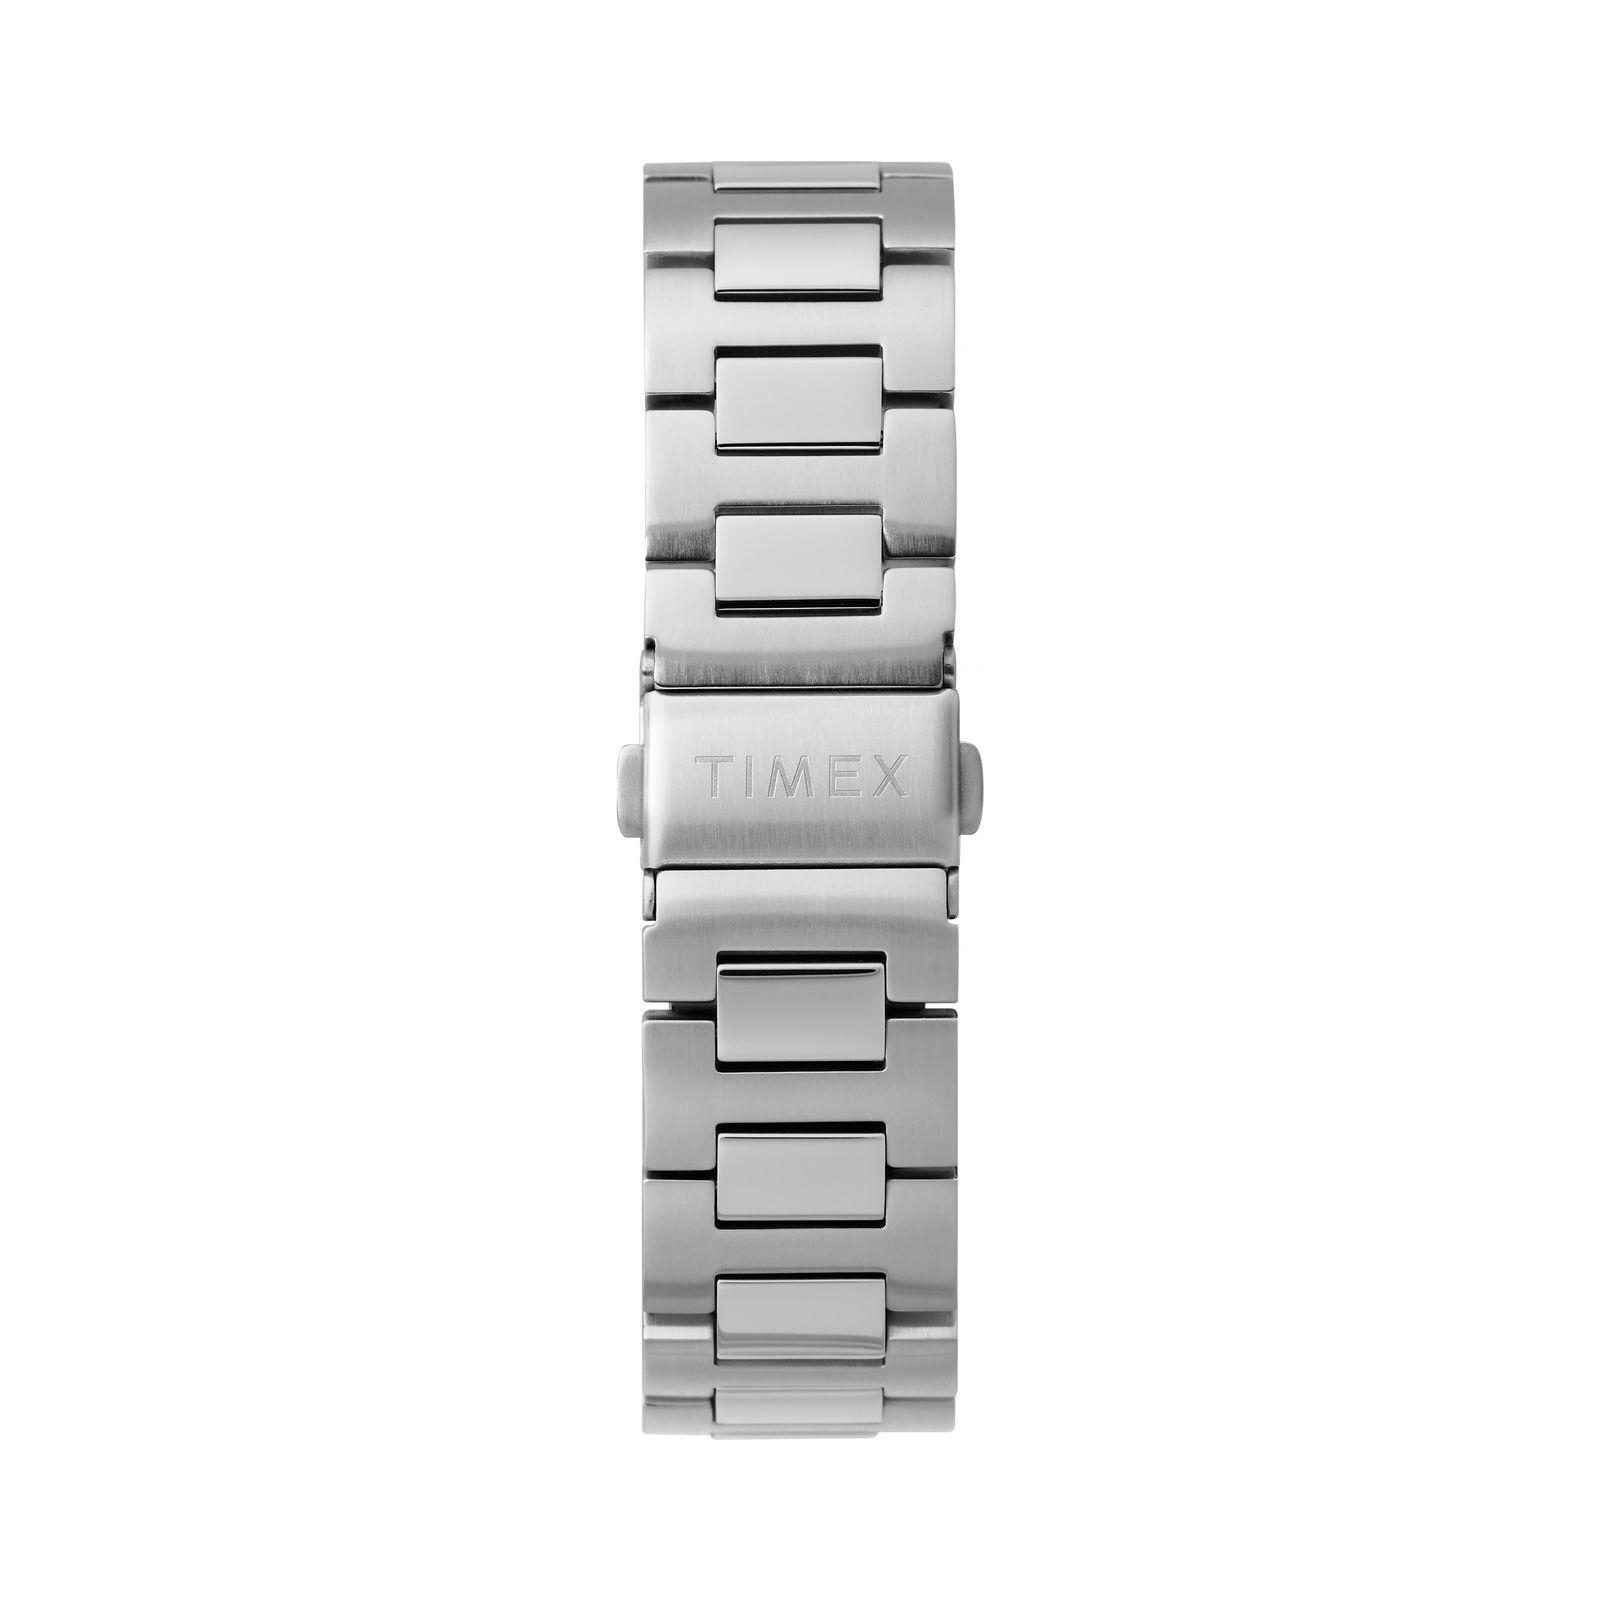 ساعت مچی عقربه ای مردانه تایمکس مدل TW2T69800 -  - 2